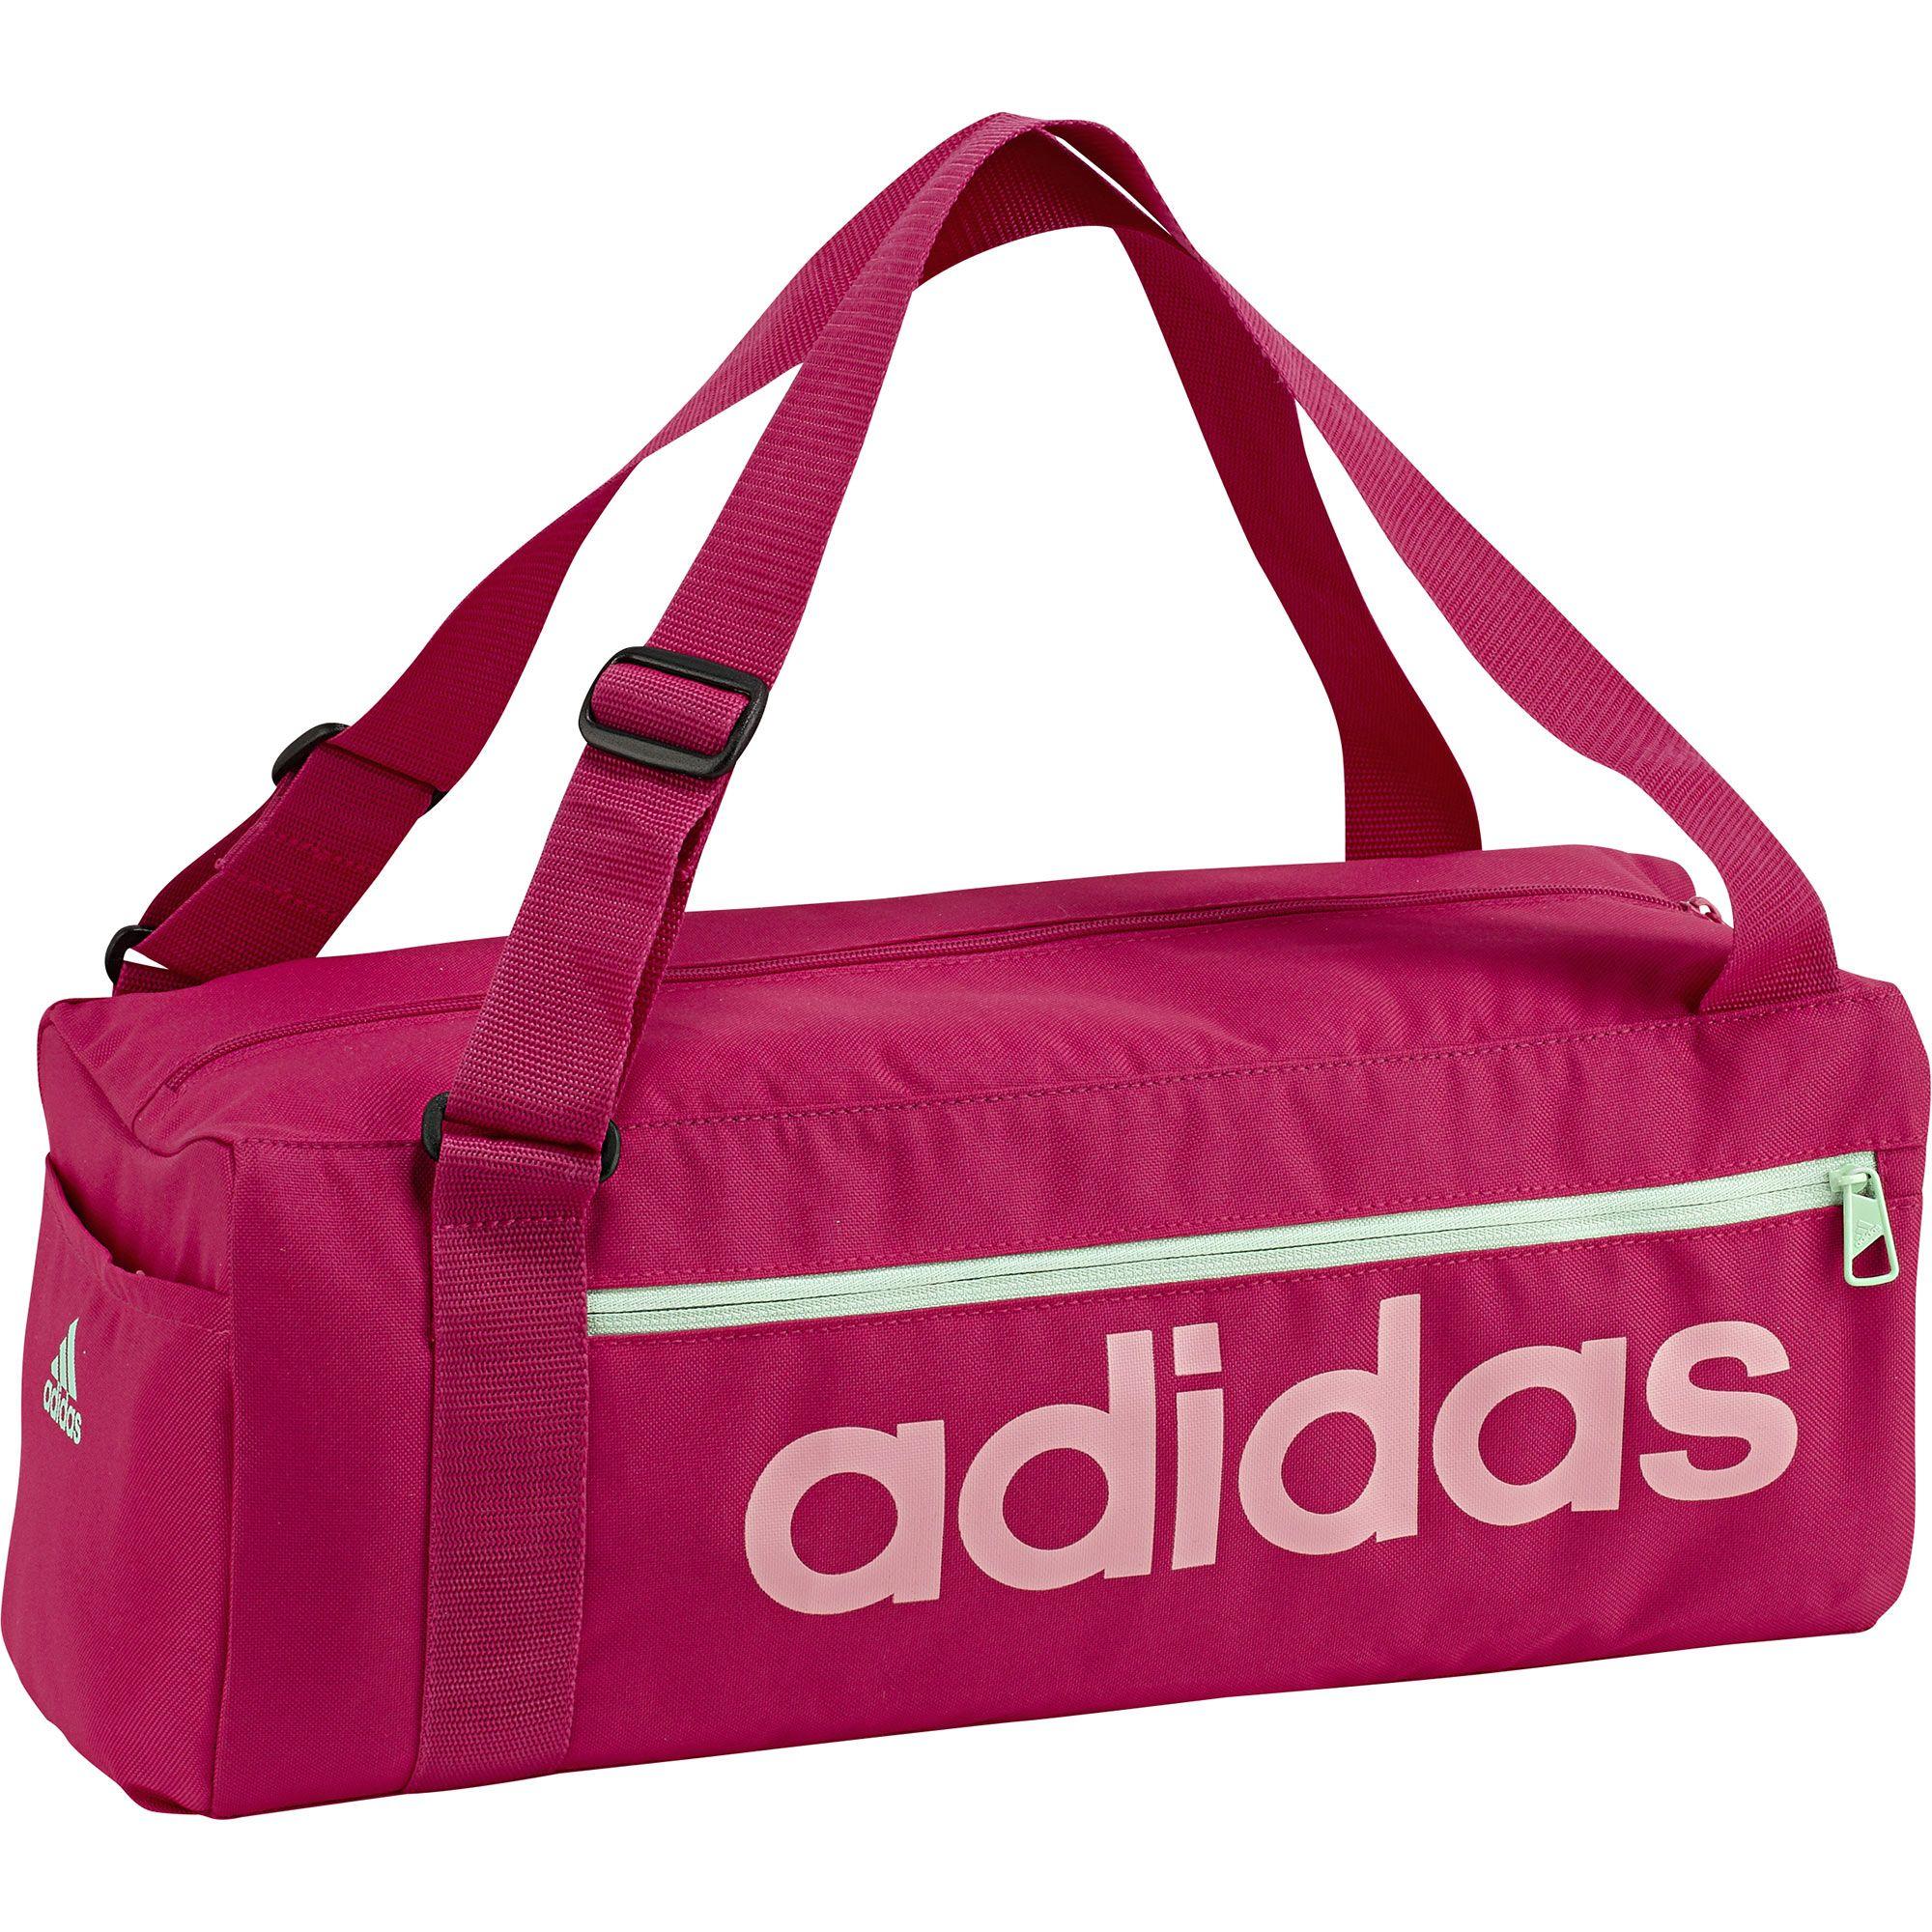 0bb43f0b4a38a Bolsa Duffle Linear PP Feminina adidas | adidas Brasil | SCREENSHOT ...